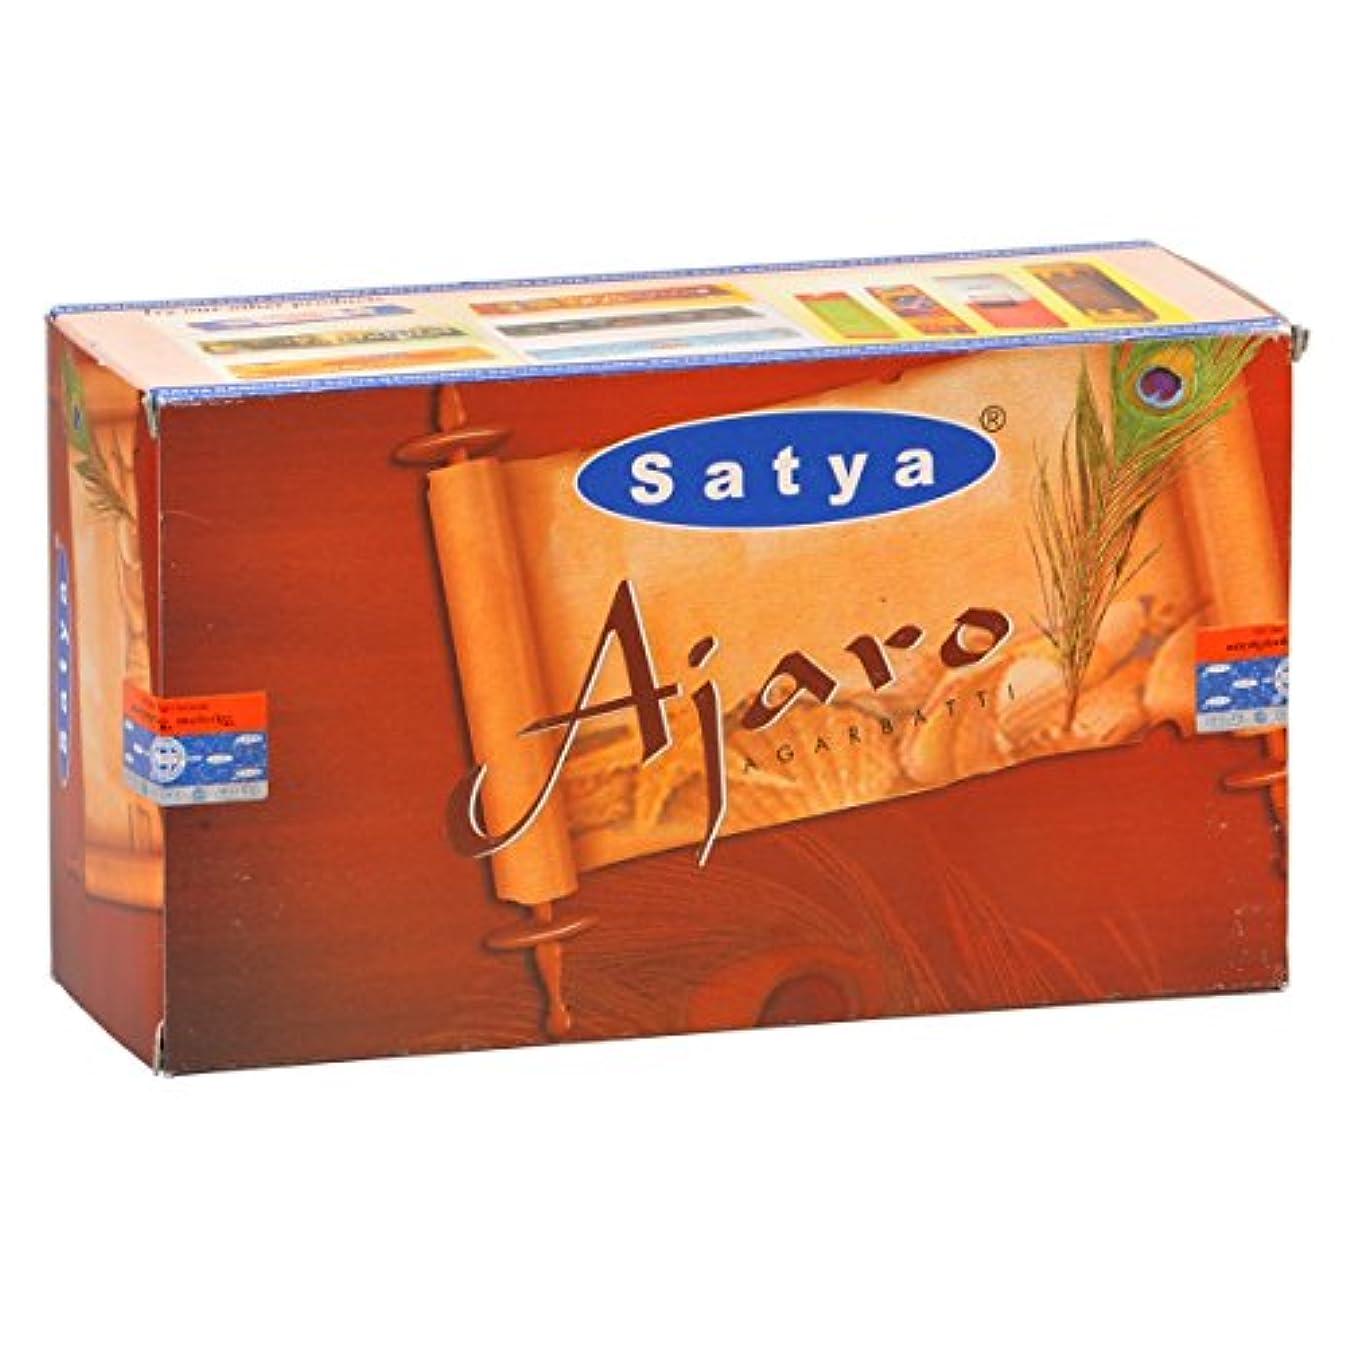 閉塞サドル退屈なSATYA(サティヤ) アジャロ Ajaro スティックタイプ お香 12箱 セット [並行輸入品]